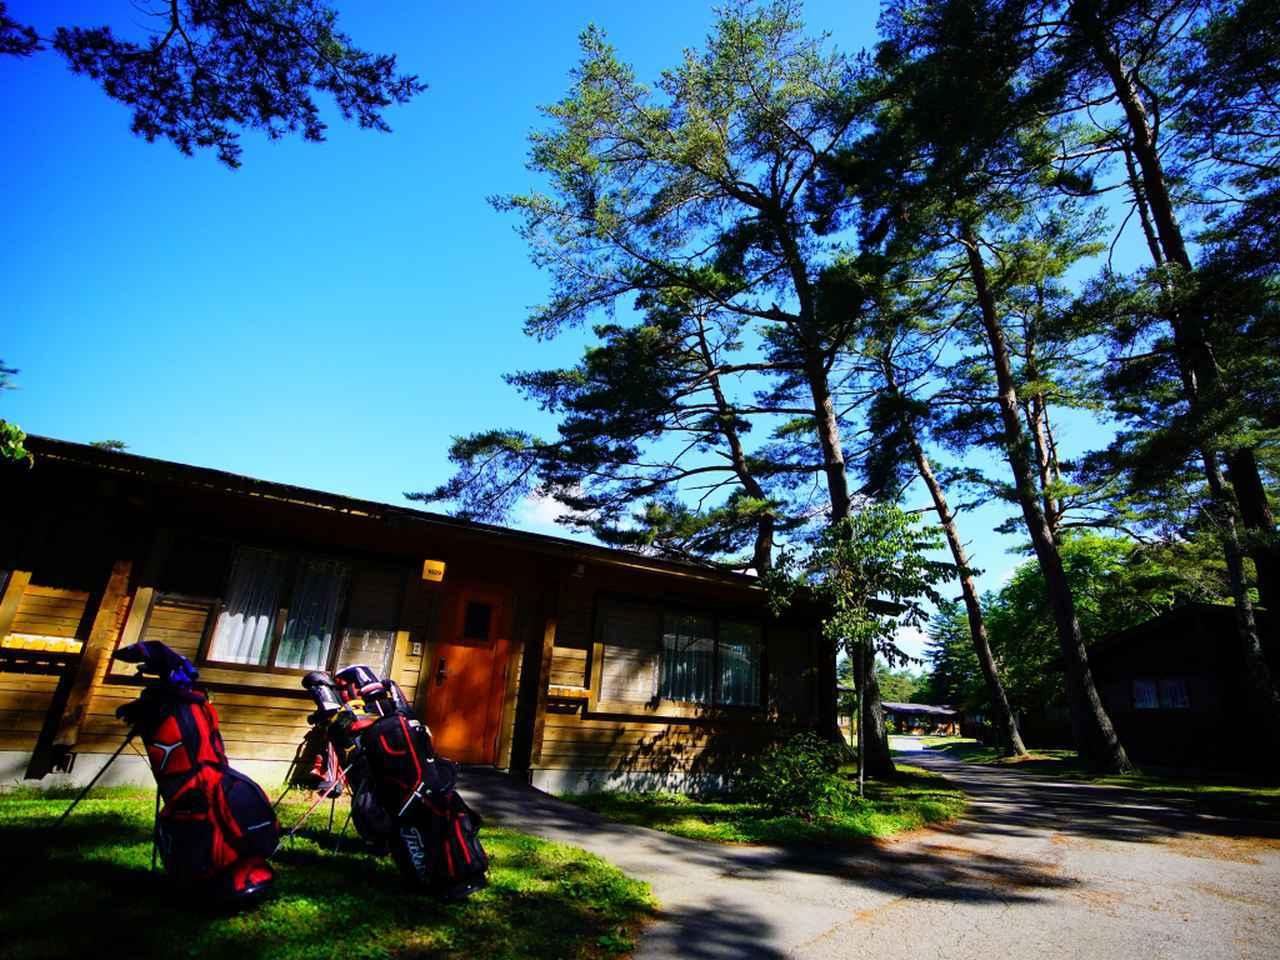 画像: 写真は「軽井沢プリンスホテルウエスト プリンスコテージ」。軽井沢プリンスホテルGCに隣接した4~8人用のコテージは環境も良く、合宿の本拠地に最適。